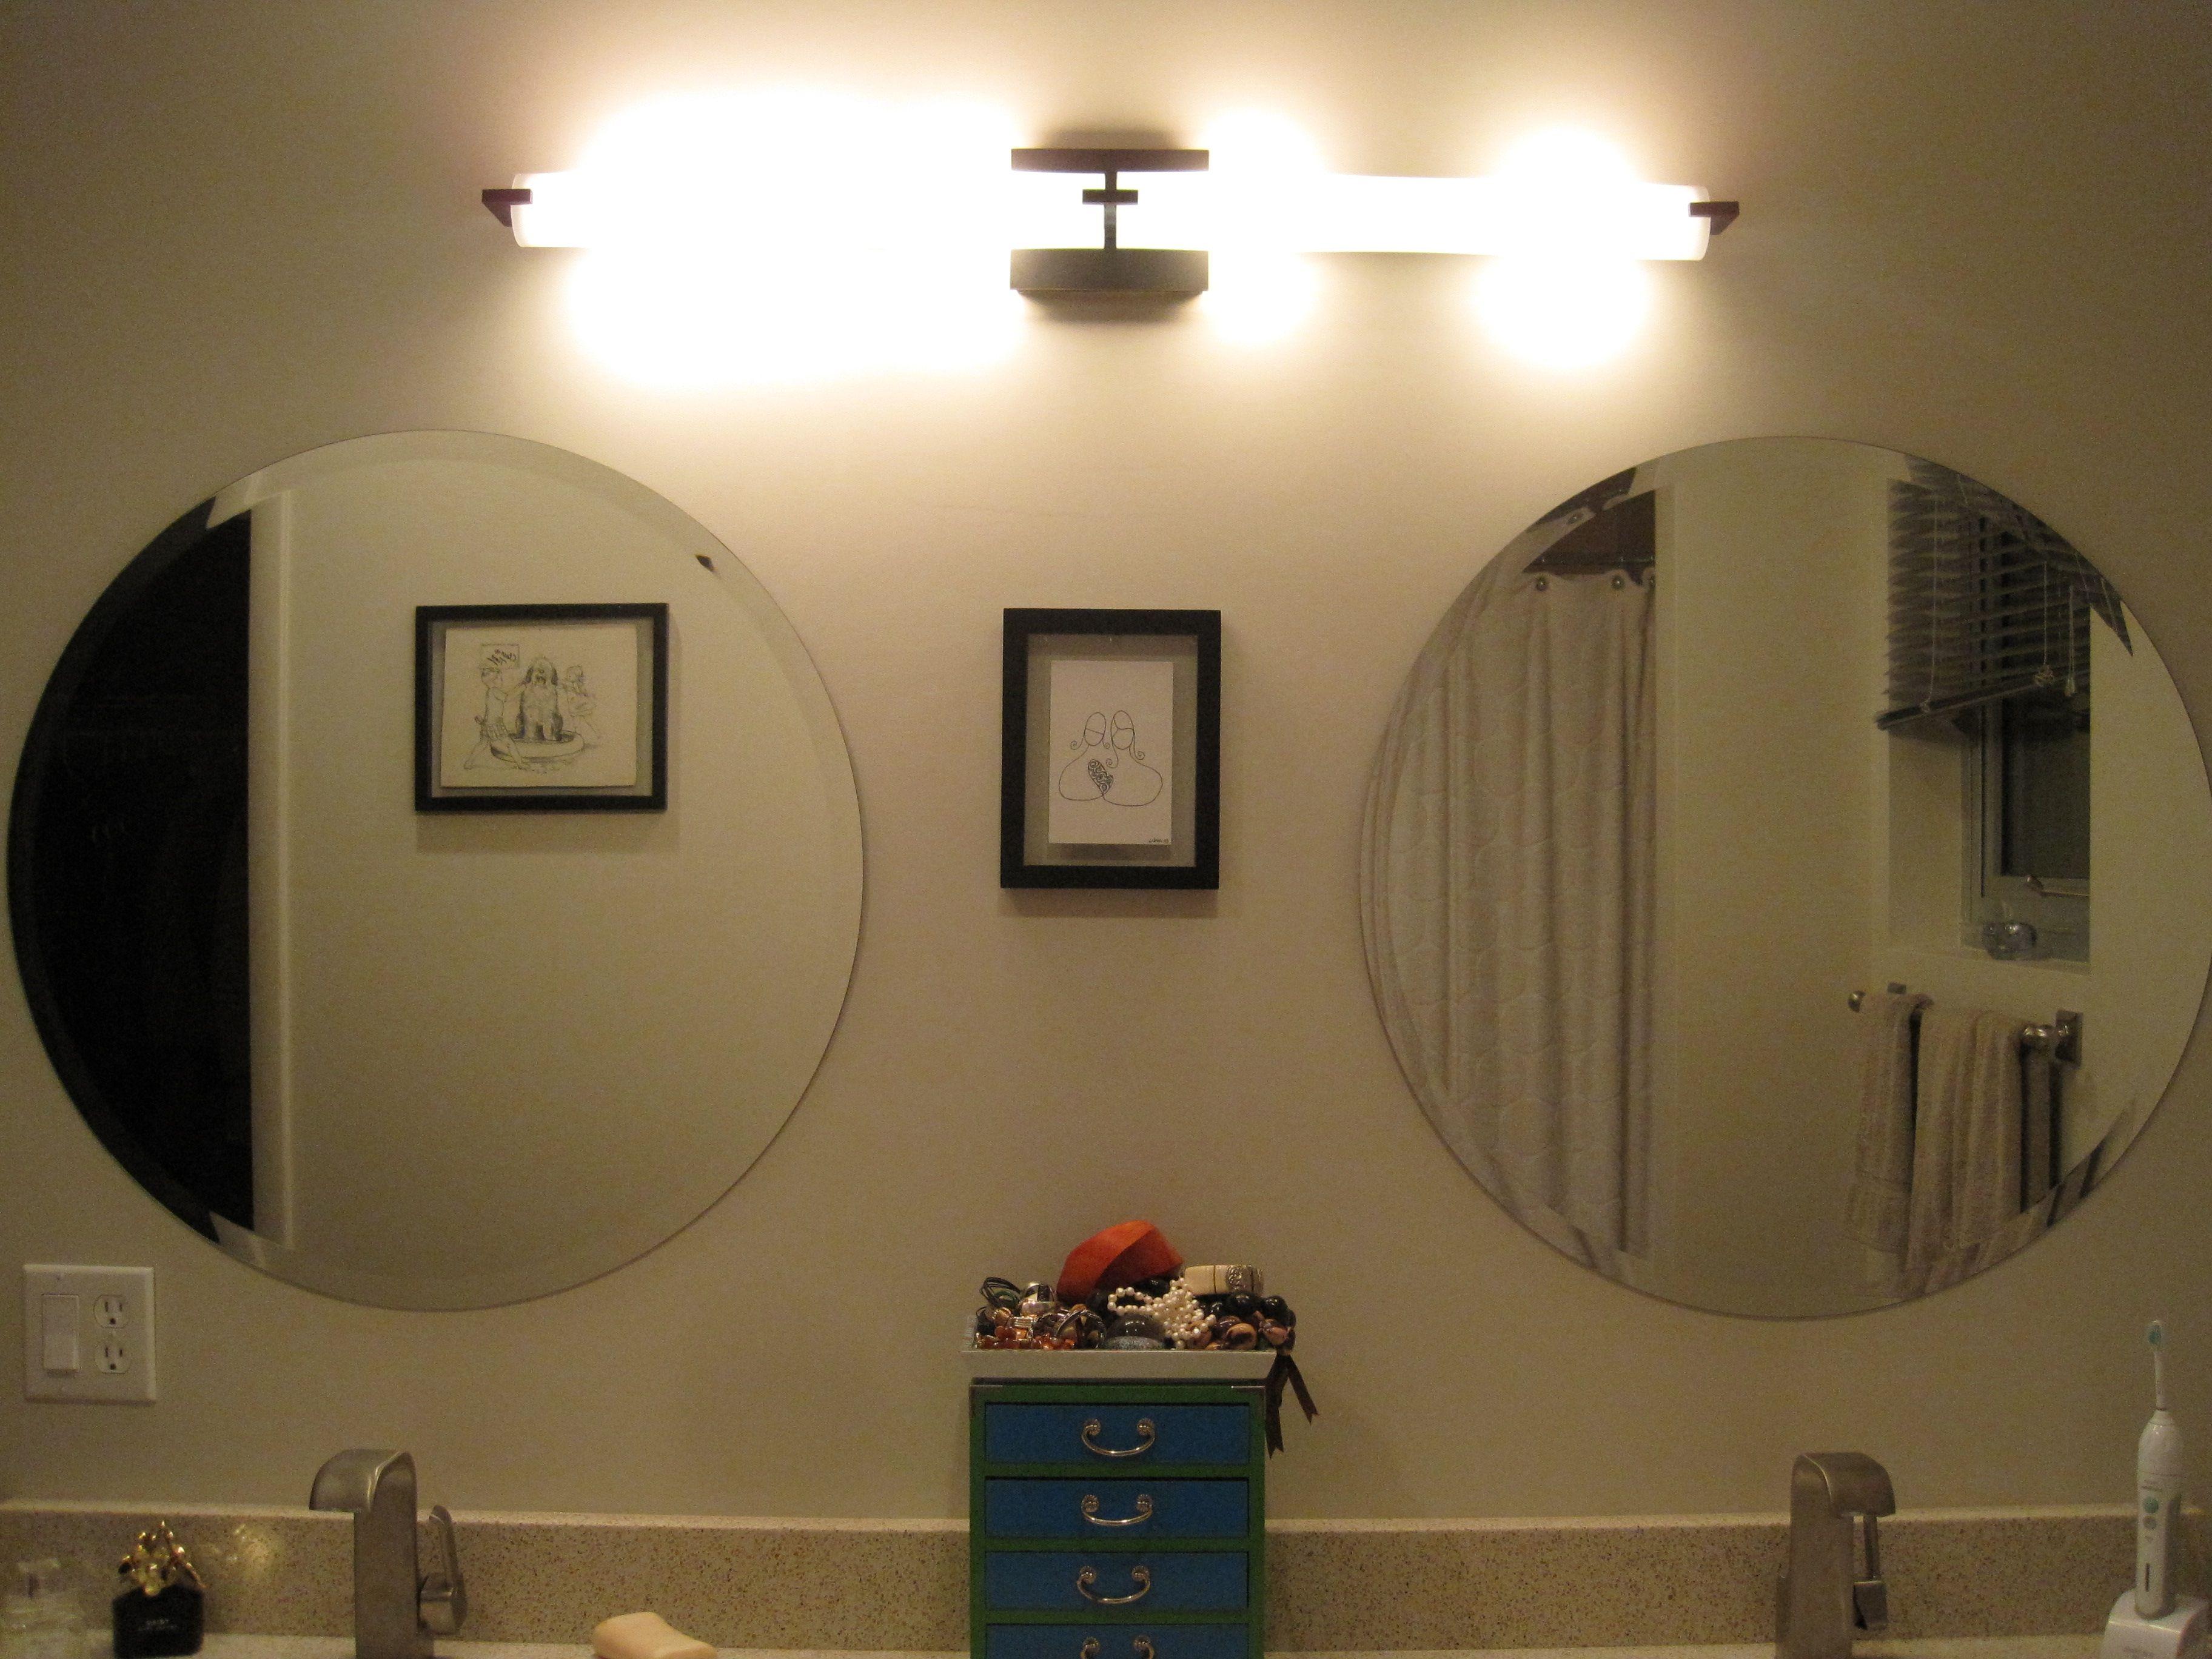 Led Light Bulbs For Bathroom Fixtures | Bathroom Ideas | Pinterest ...